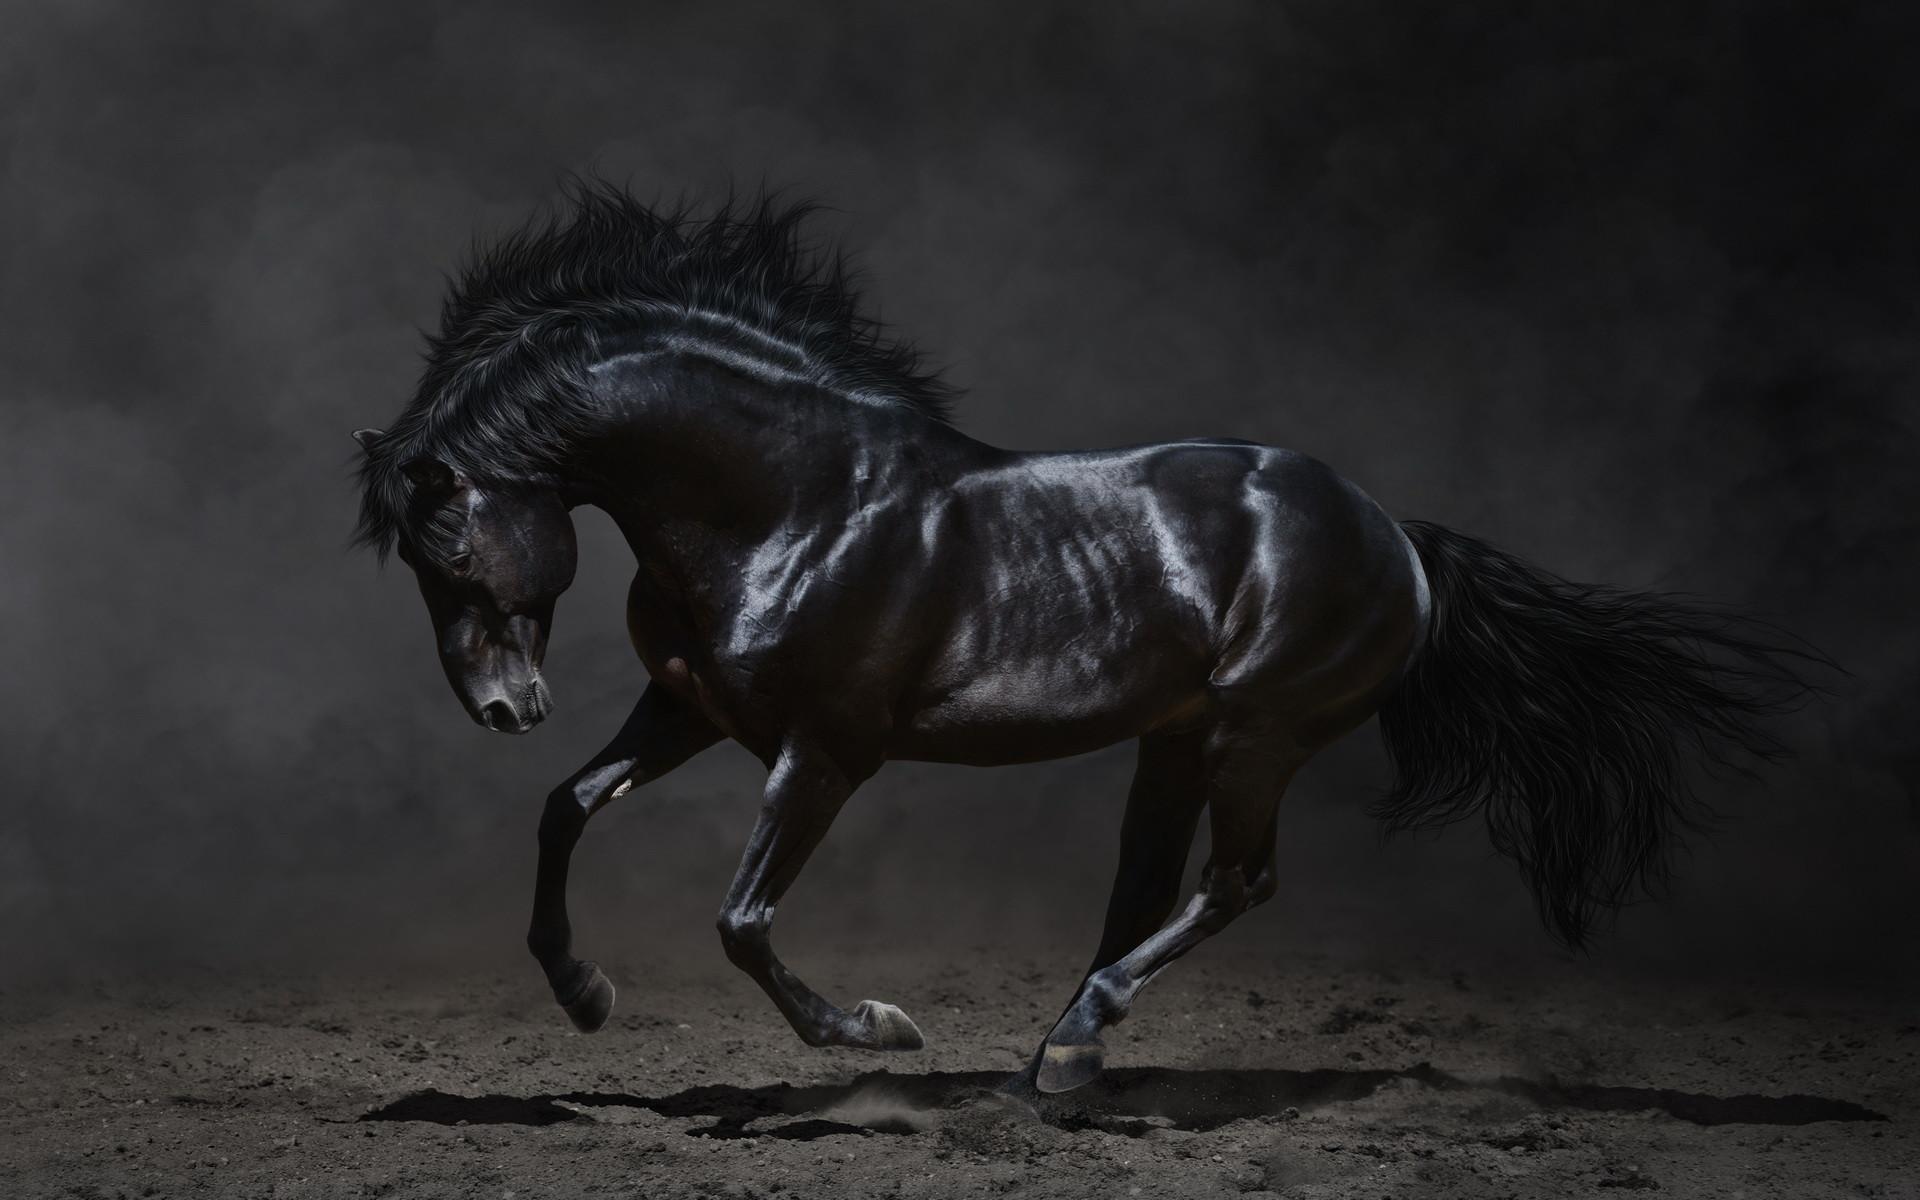 Horse Desktop Wallpaper 62 Pictures